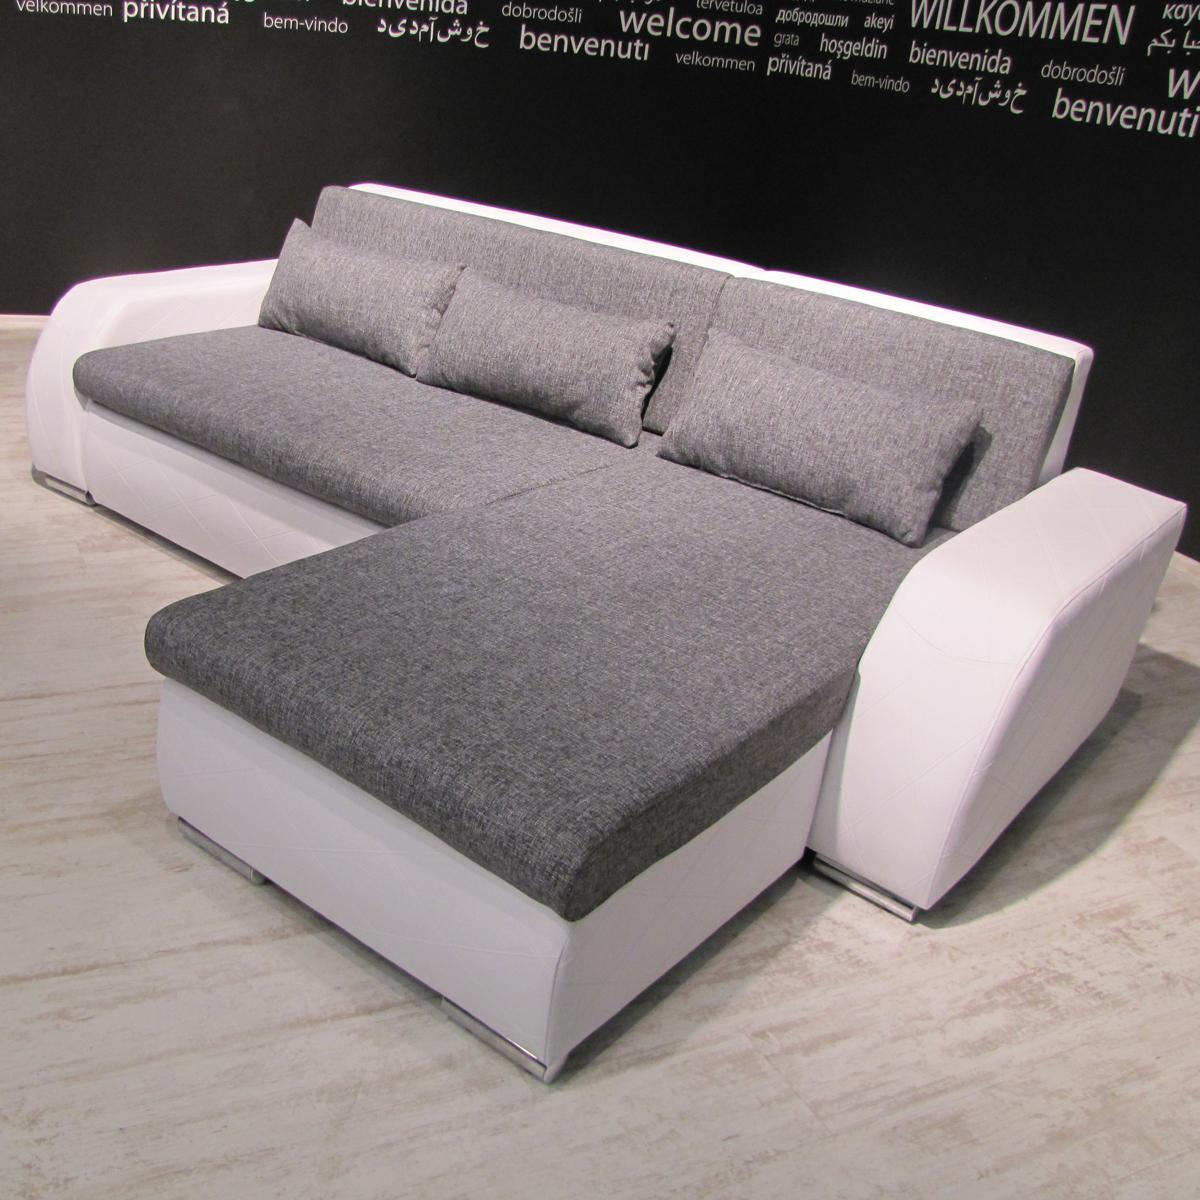 Wunderbar Ecksofa Schlaffunktion Grau Sammlung Von Das Bild Wird Geladen Ecksofa-flensburg-sofa-wohnlandschaft-weiss-webstoff- Grau-schlaffunktion-